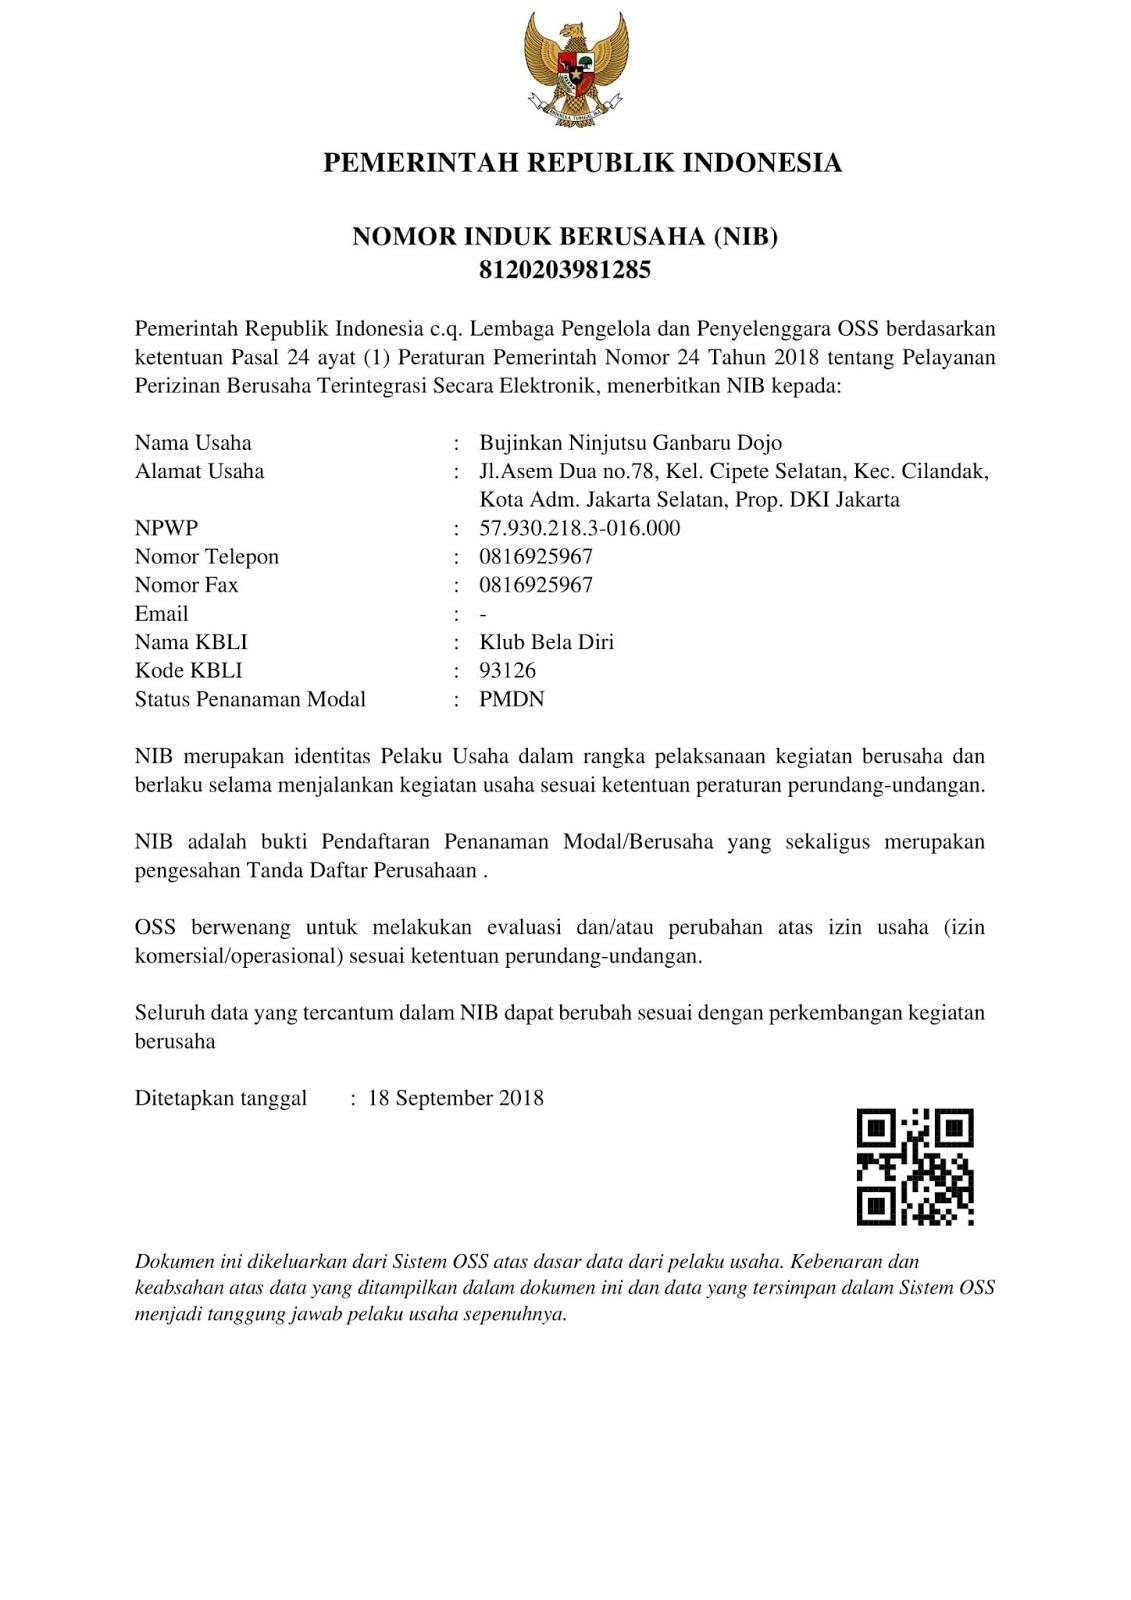 Contoh Surat Nomor Induk Berusaha (NIB) OSS Online